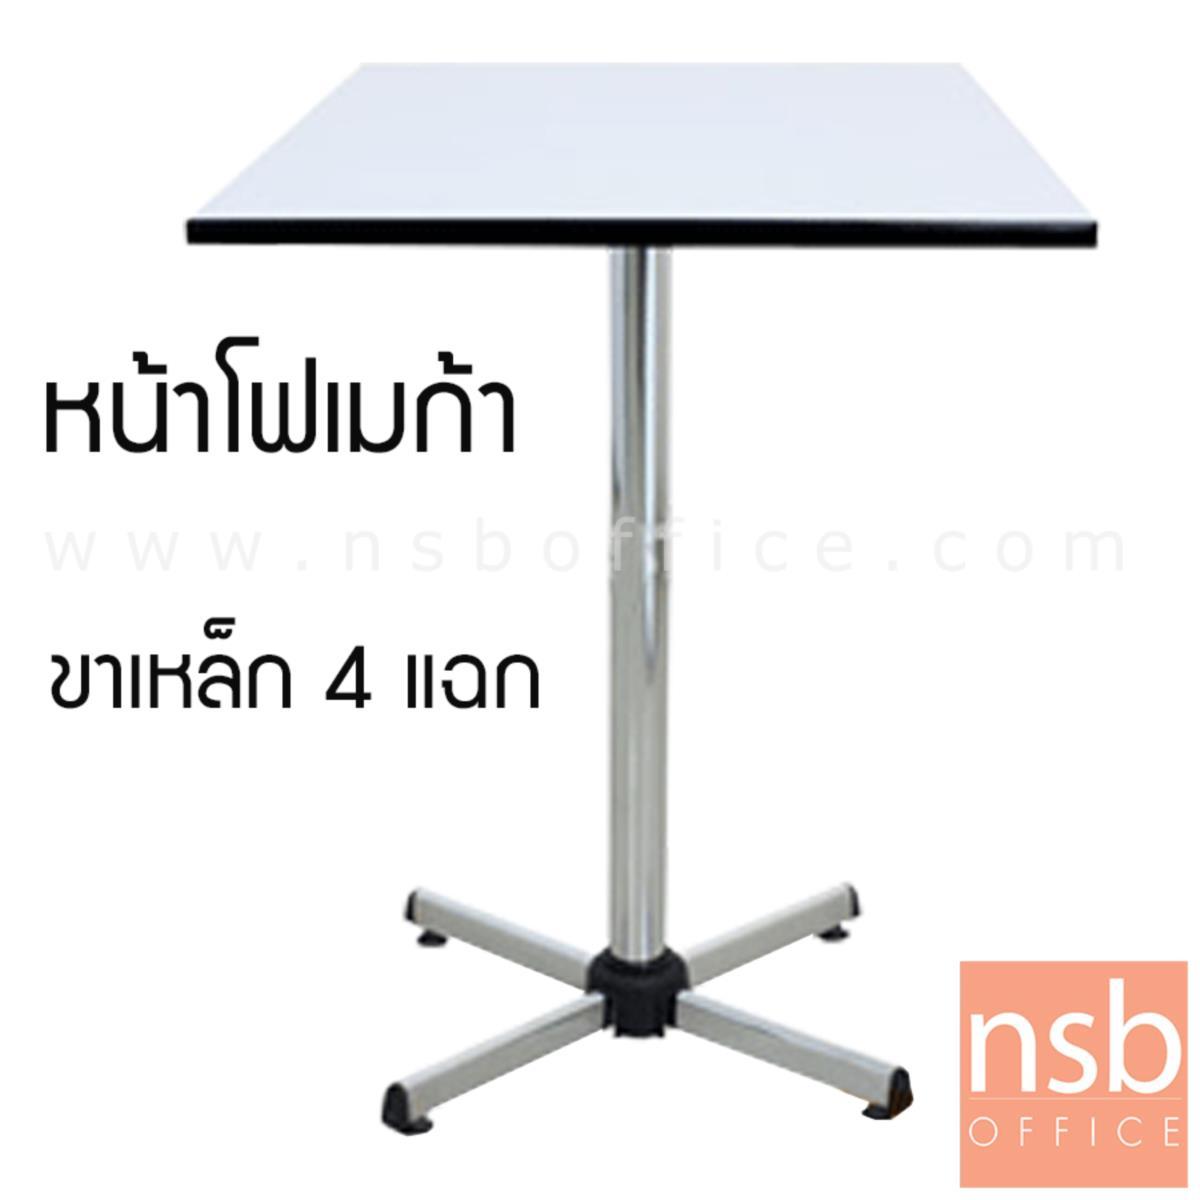 A07A002:โต๊ะหน้าโฟเมก้าขาว รุ่น Broomsticks (บรูมสติ๊กส์) ขนาด 60W ,75W ,60Di ,75Di cm.  โครงขาเหล็ก 4 แฉกชุบโครเมี่ยม